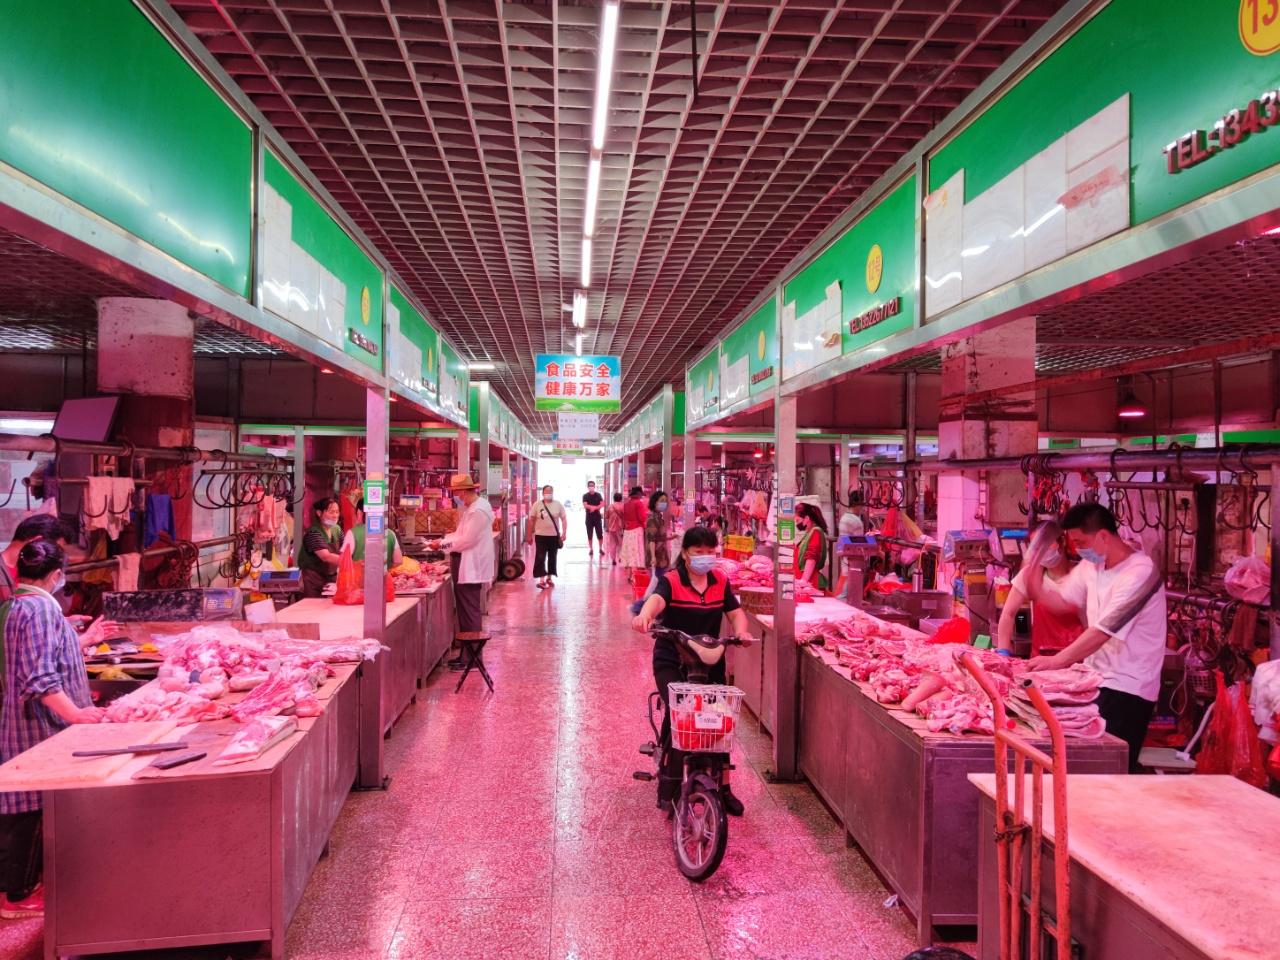 岳各庄批发市场鲜肉区可24小时不打烊图片